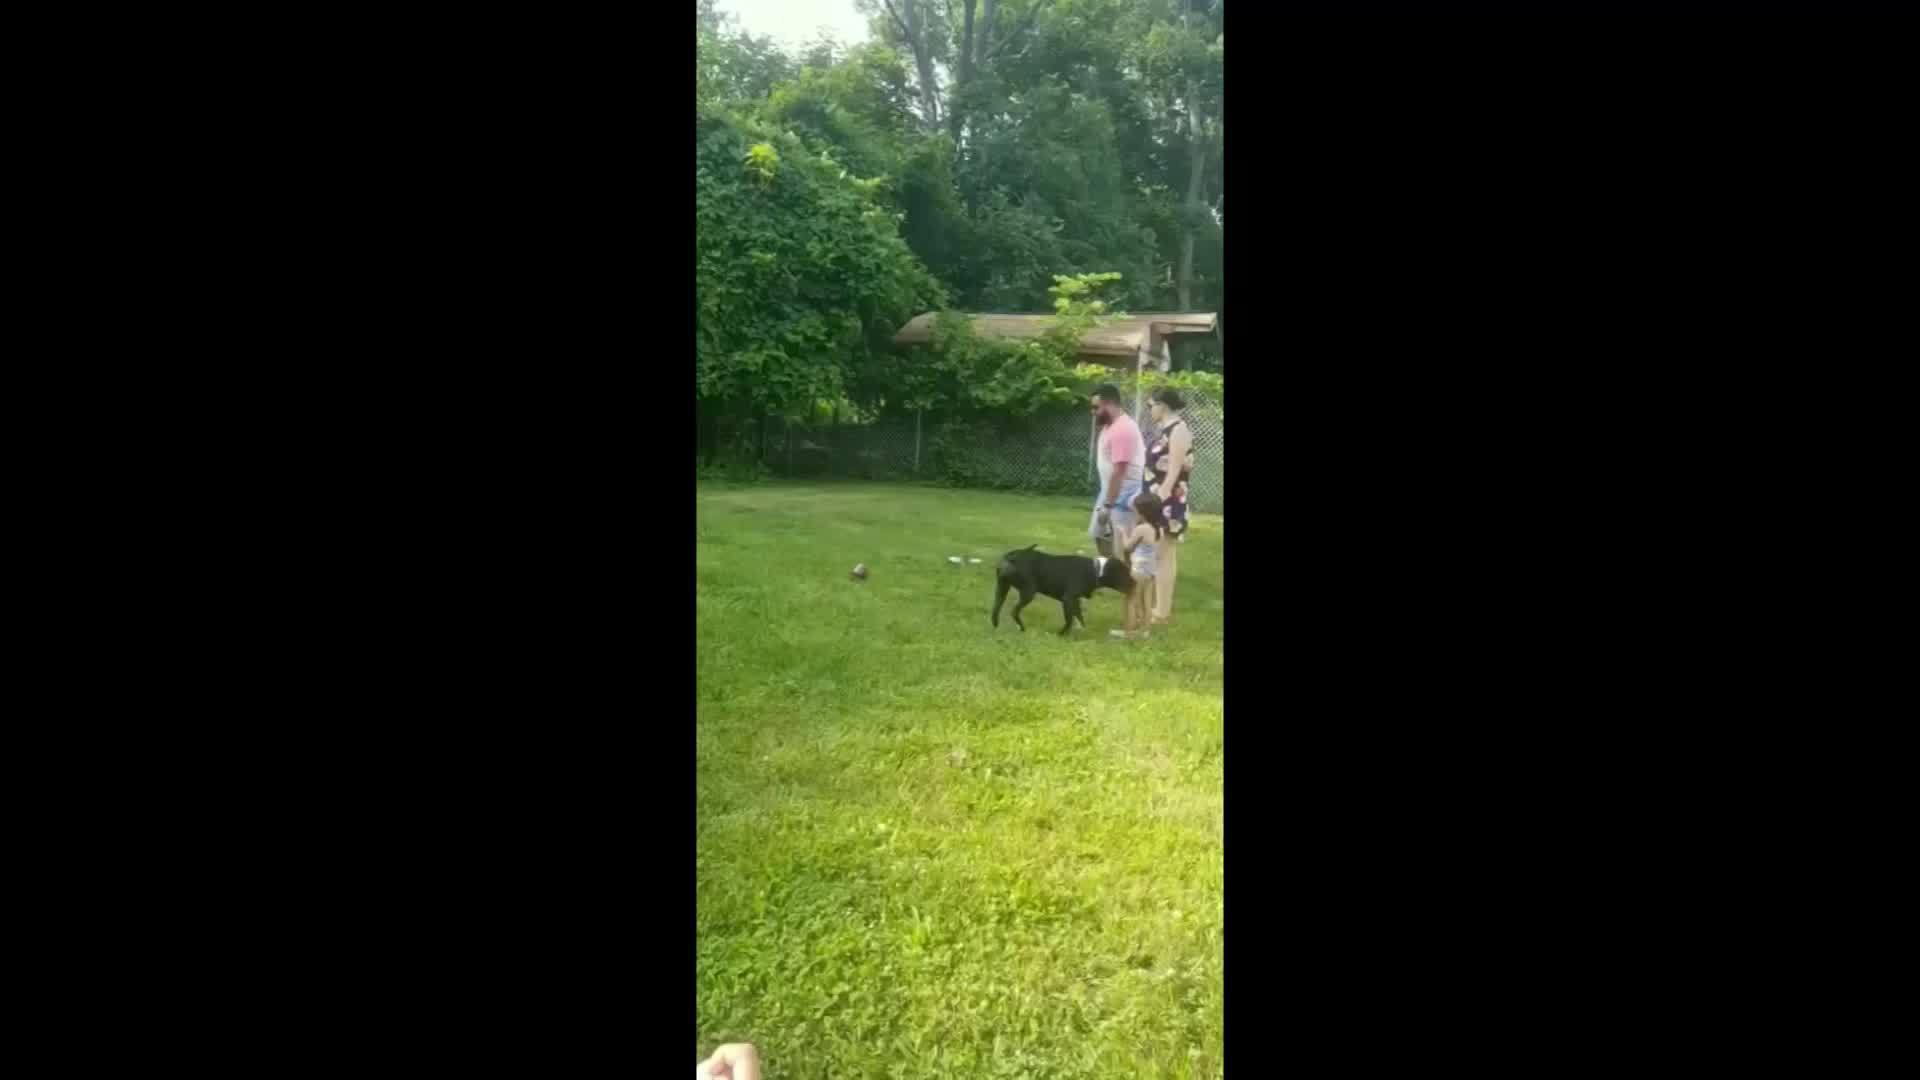 Dad_Breaks_Ankle_During_Gender_Reveal_0_20180618191357